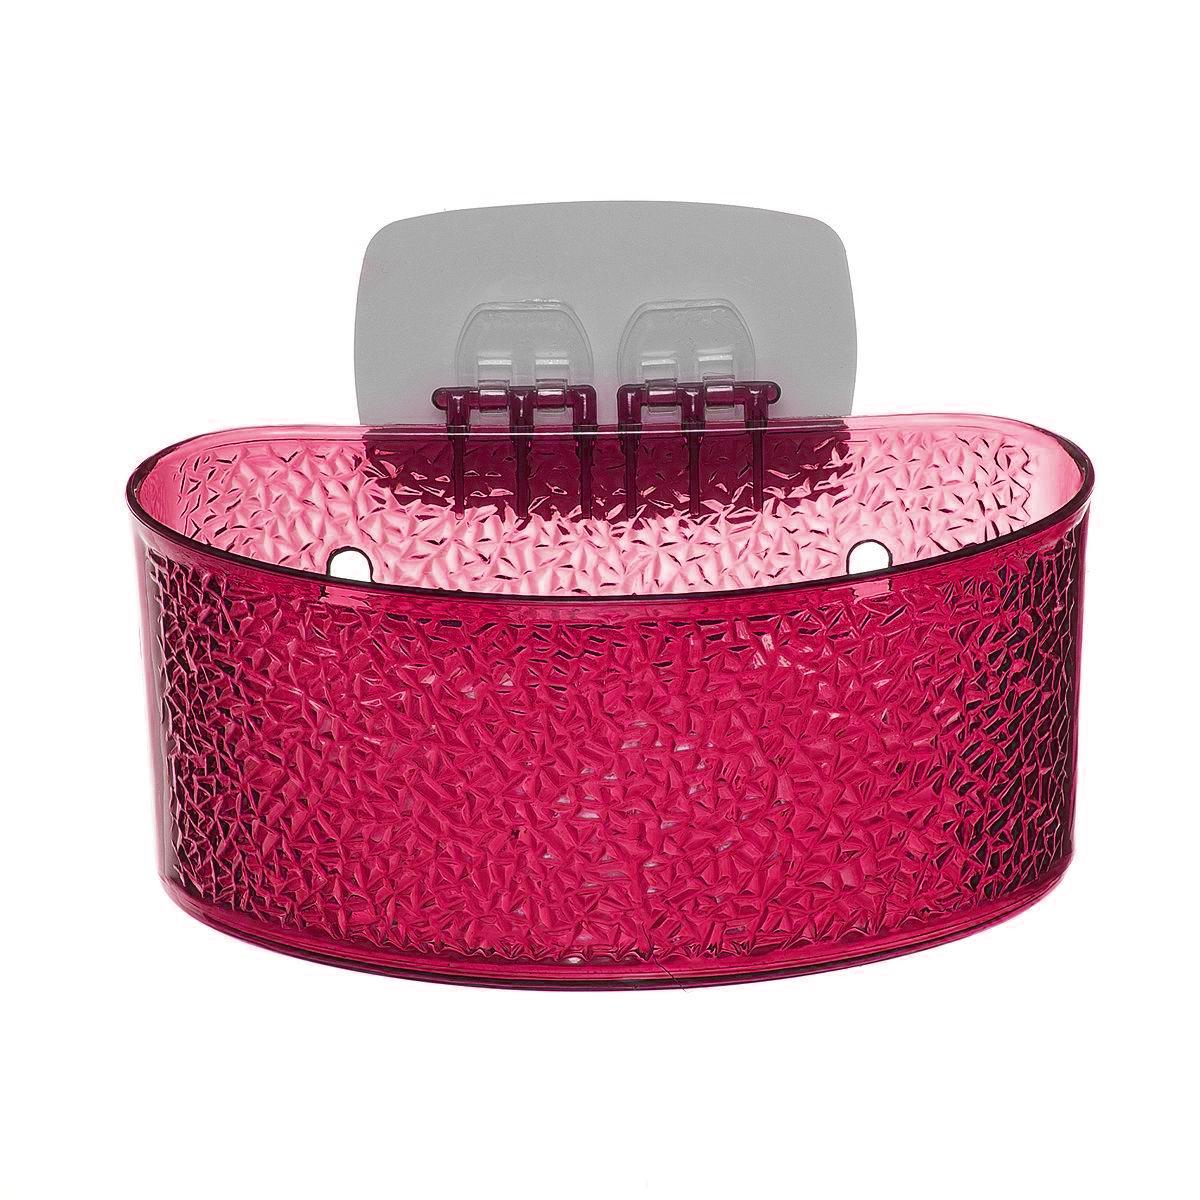 Полка для ванной комнаты Fresh Code, на липкой основе, цвет: малиновый, 19 х 10 х 10 см64943_ малиновыйПолка для ванной комнаты Fresh Code выполнена из ABS пластика. Крепление на липкой основе многократного использования идеально подходит для гладкой поверхности. Полка поможет создать настроение вашей ванной комнаты. Подходит для всех типов гладких поверхностей. Максимальная нагрузка 3 кг.